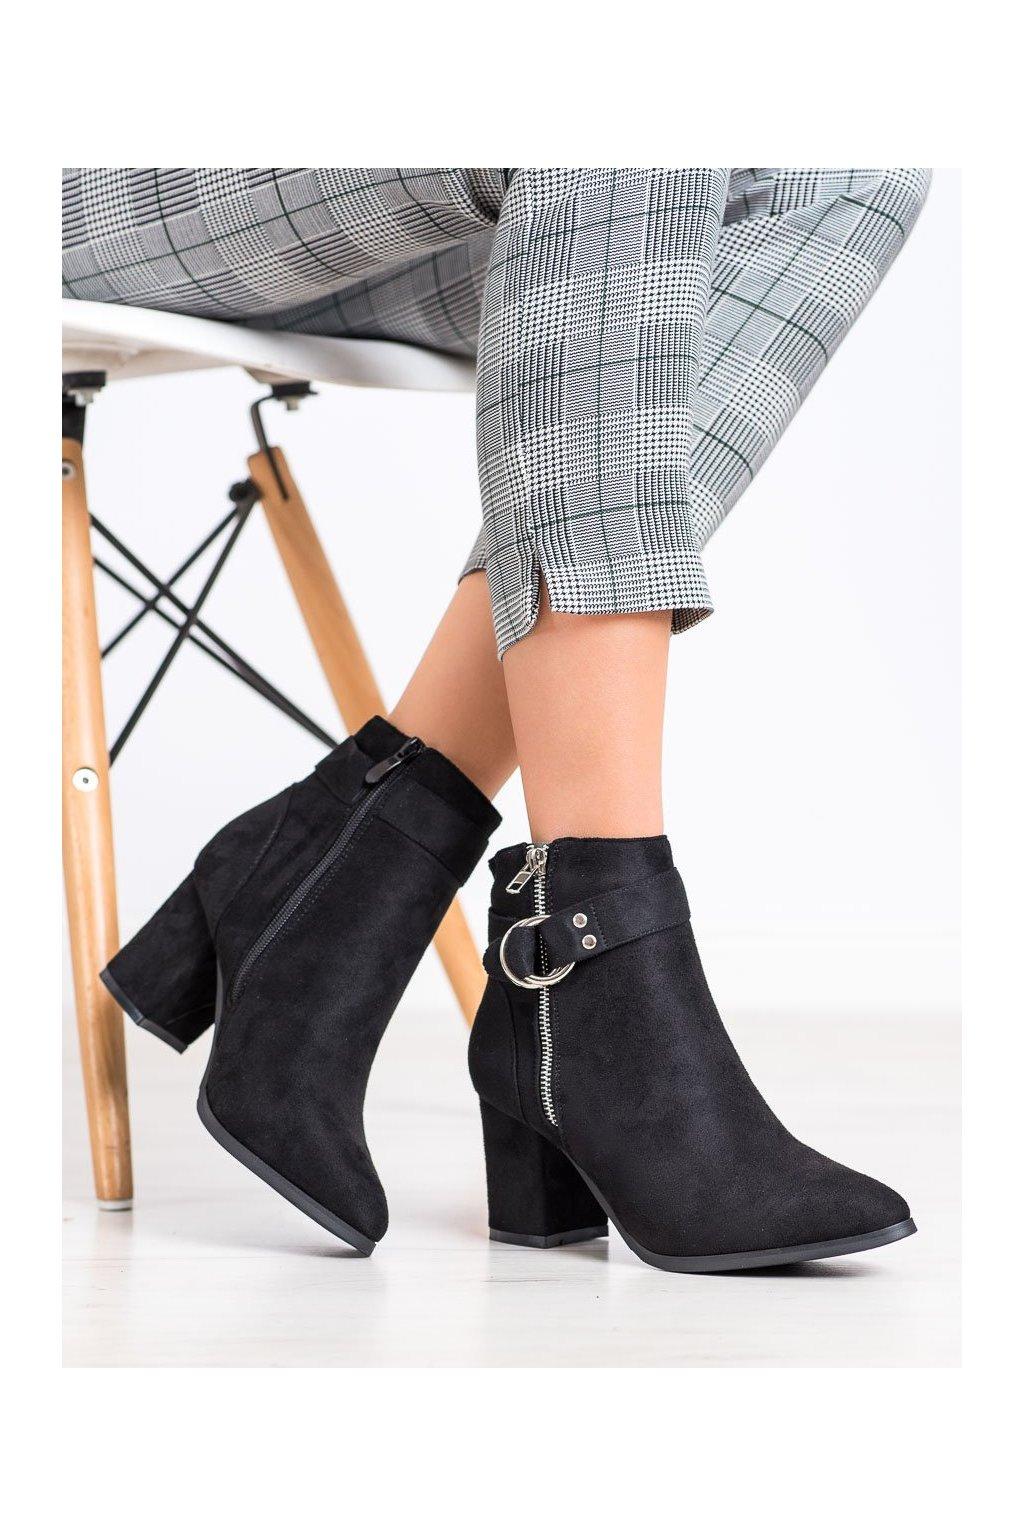 Čierne dámske topánky Balada kod W137B